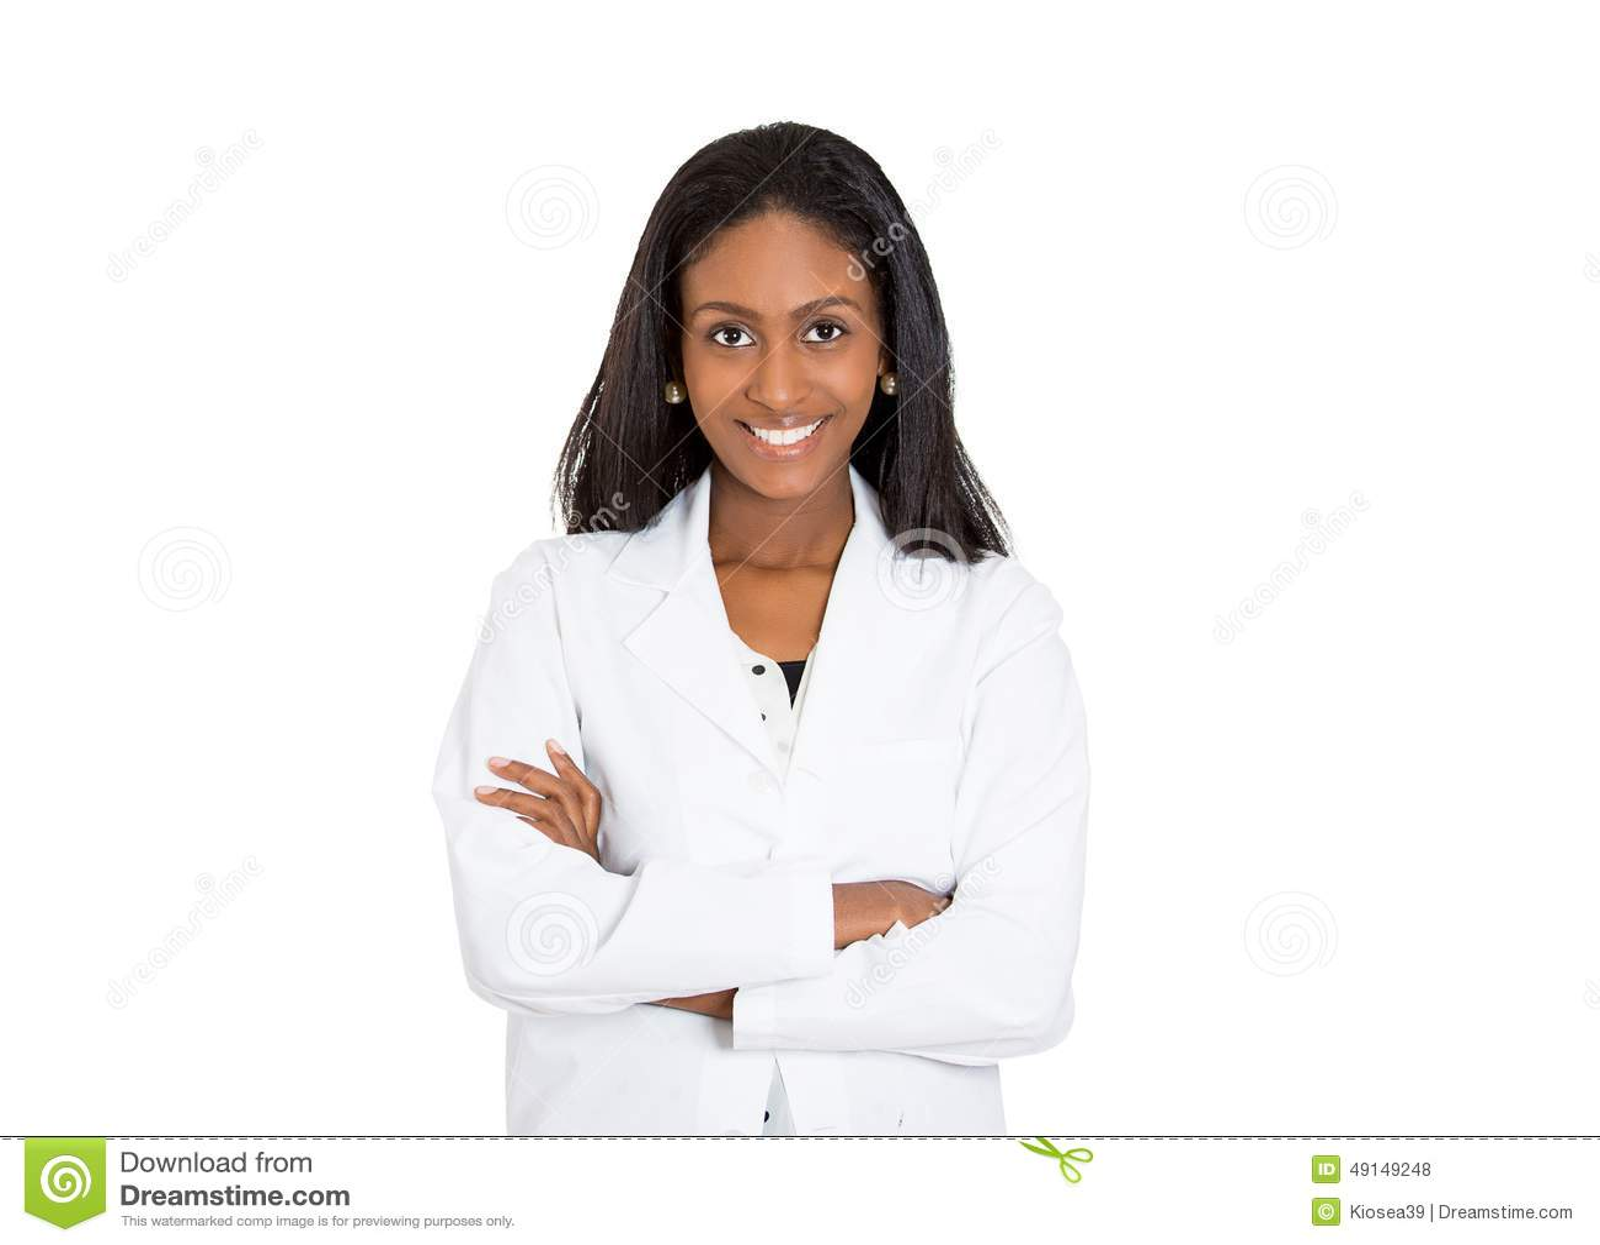 Professionista femminile sicuro amichevole e sorridente di sanità